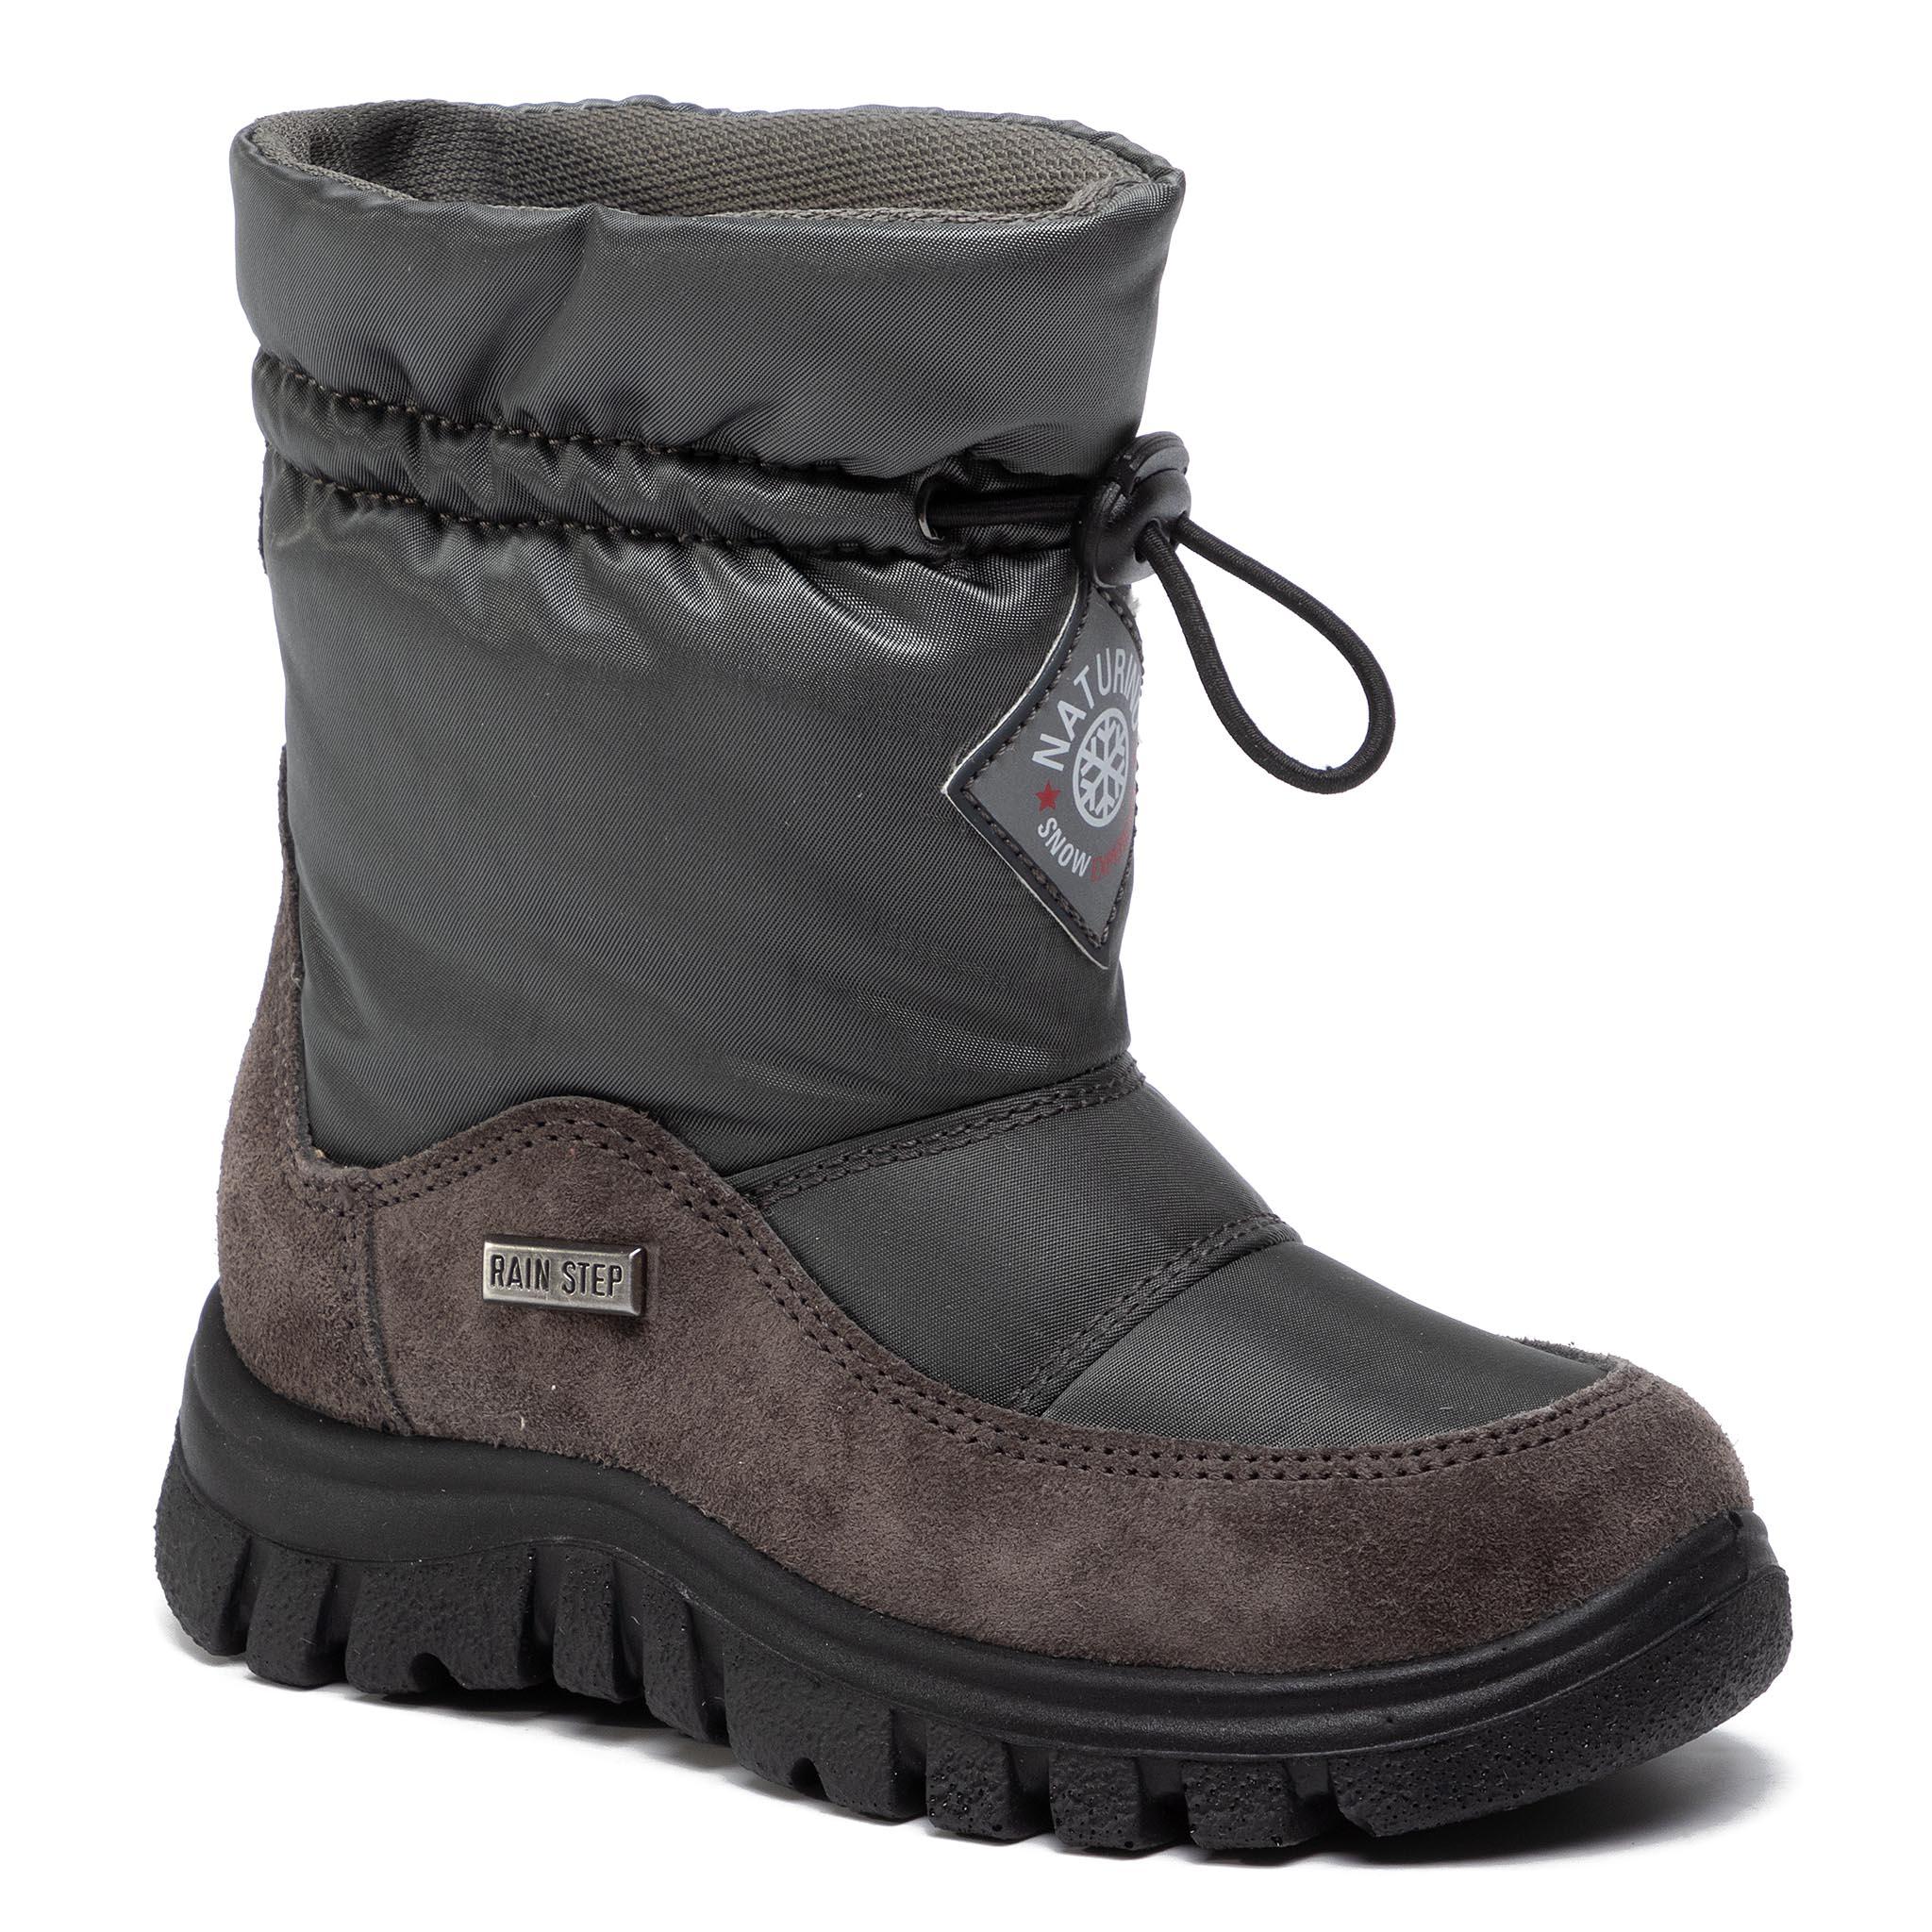 Image of Stivali da neve NATURINO - Varna 0013001268.01.0B01 M Antracite